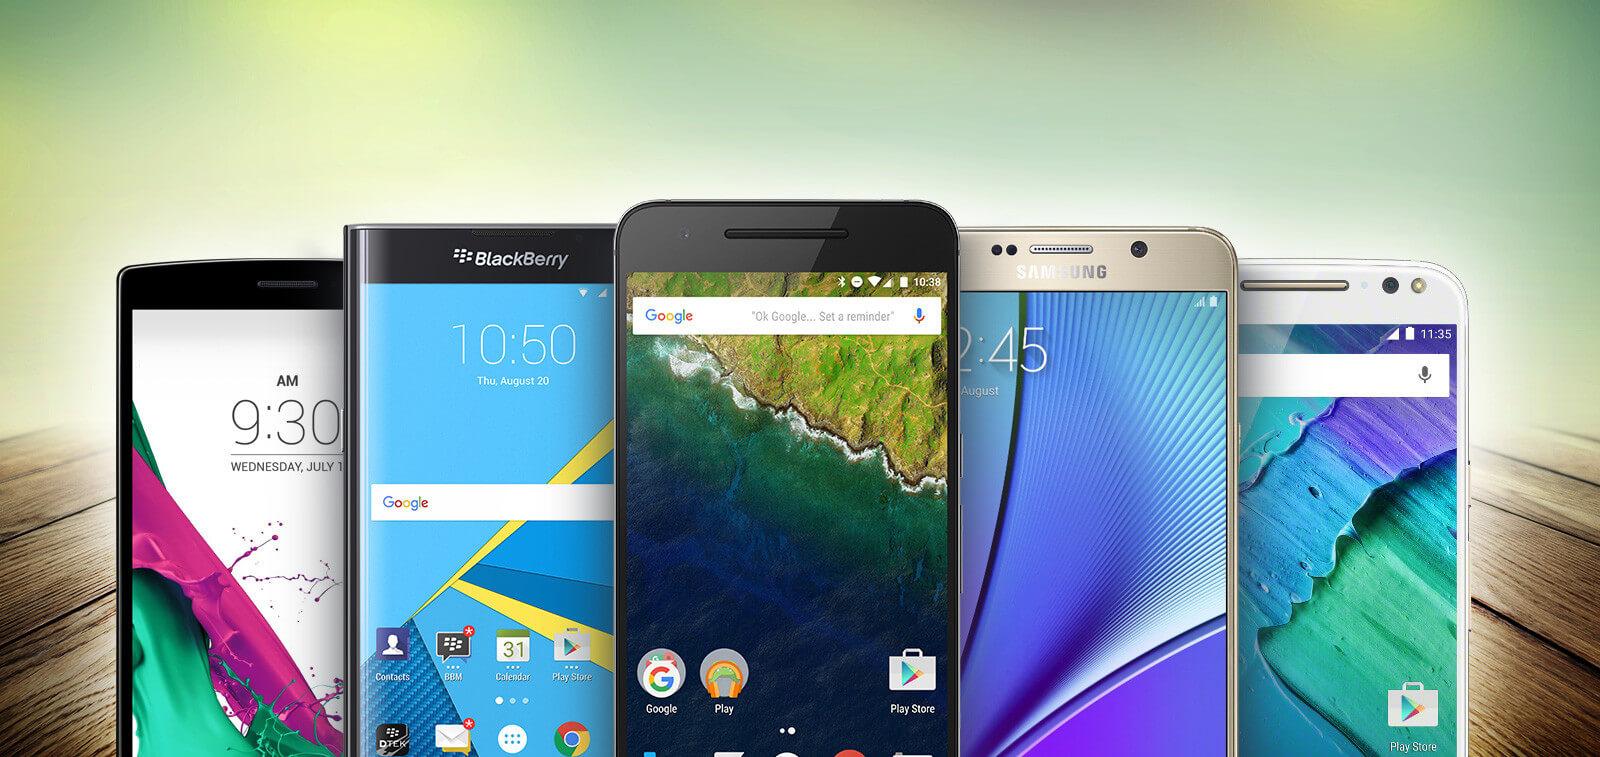 Android Telefonlarda Ekran Görüntüsü